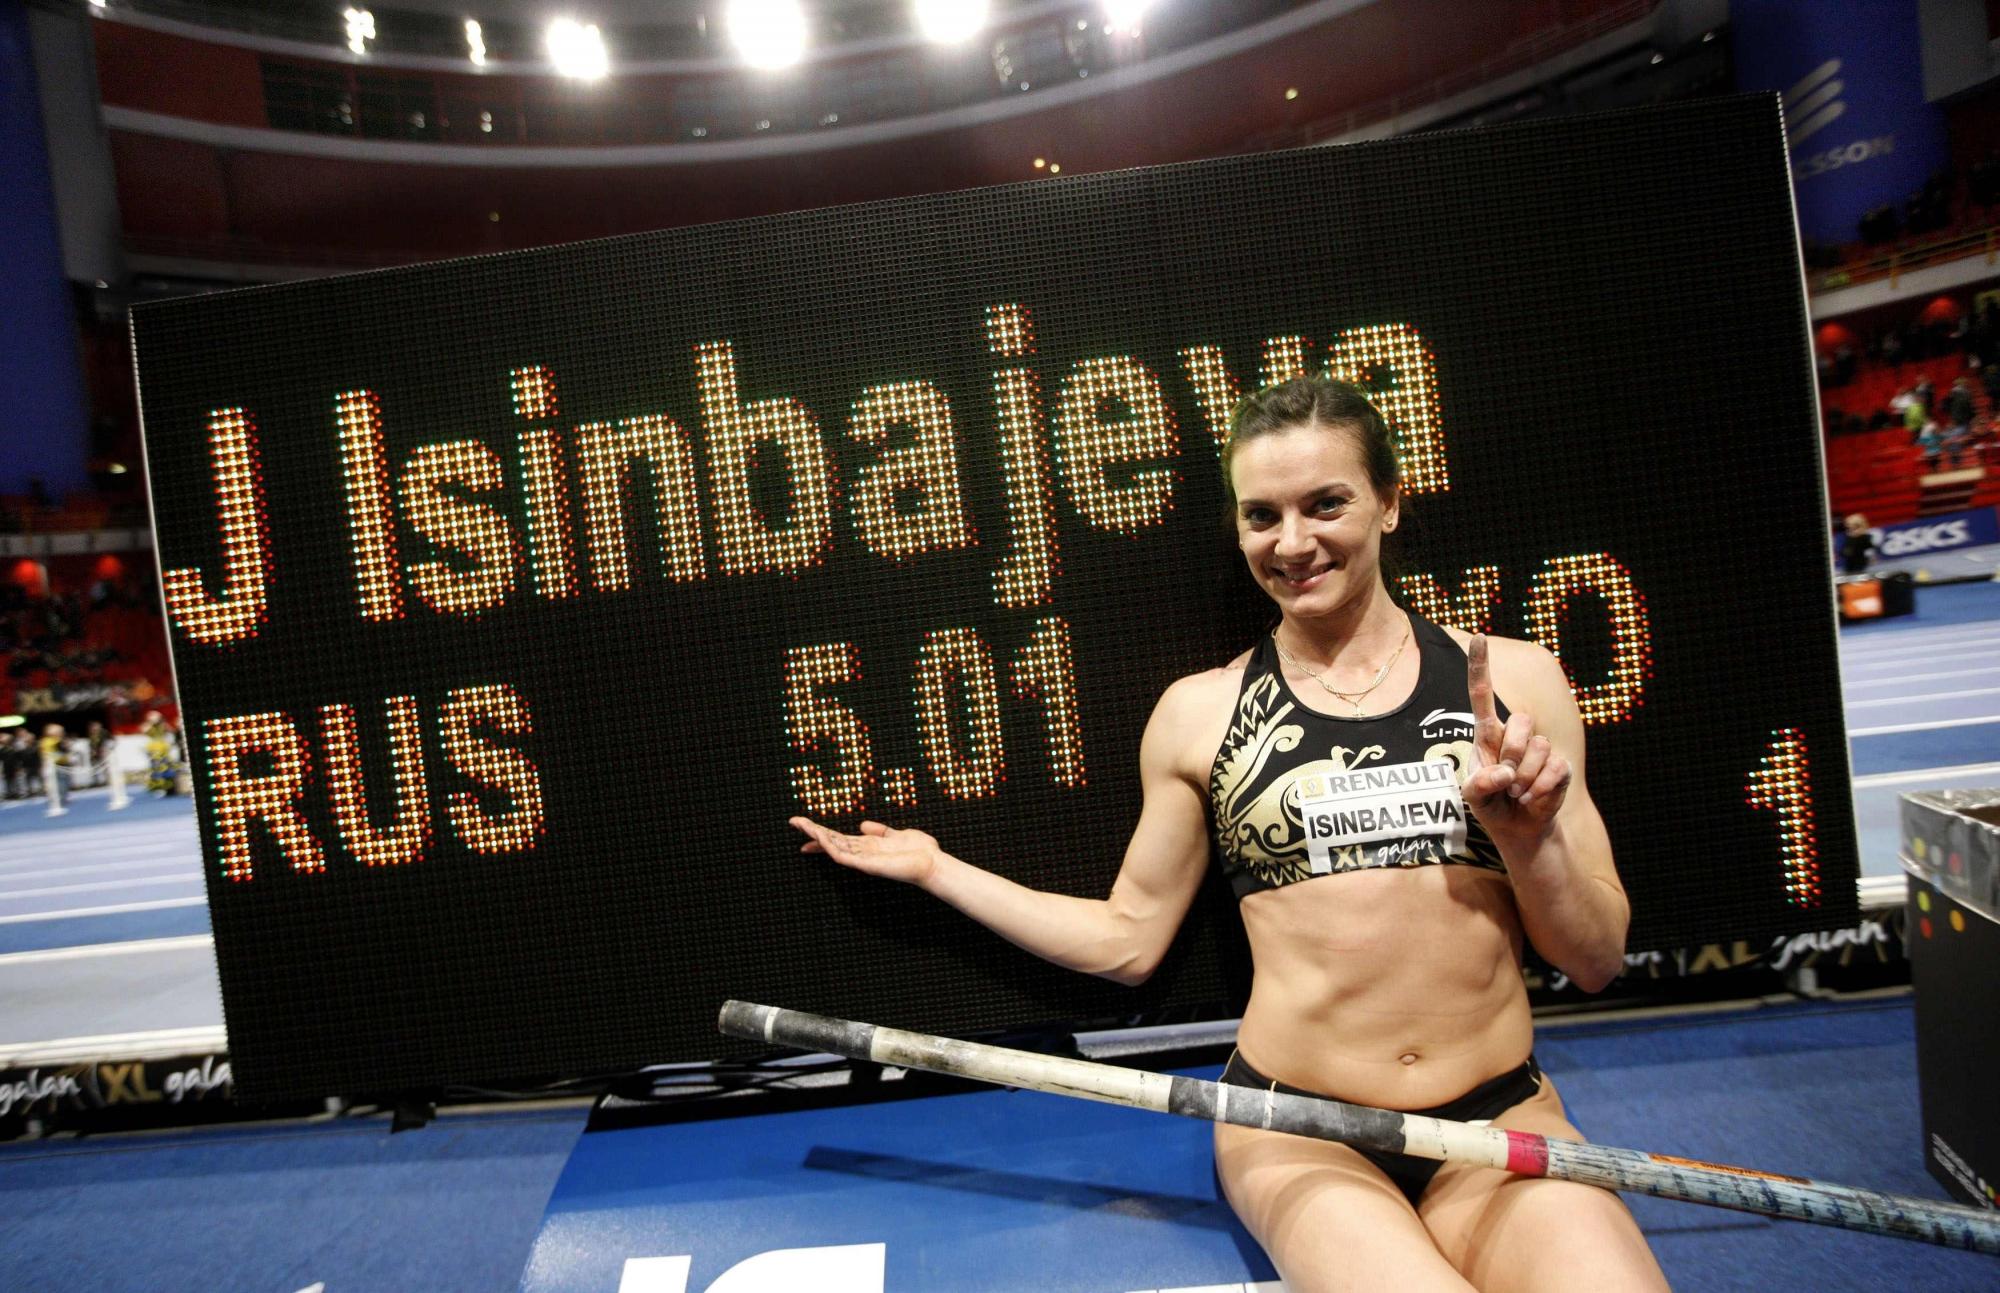 Чемпионка по отсосу, Чемпионка по минету - HD порно видео онлайн 26 фотография